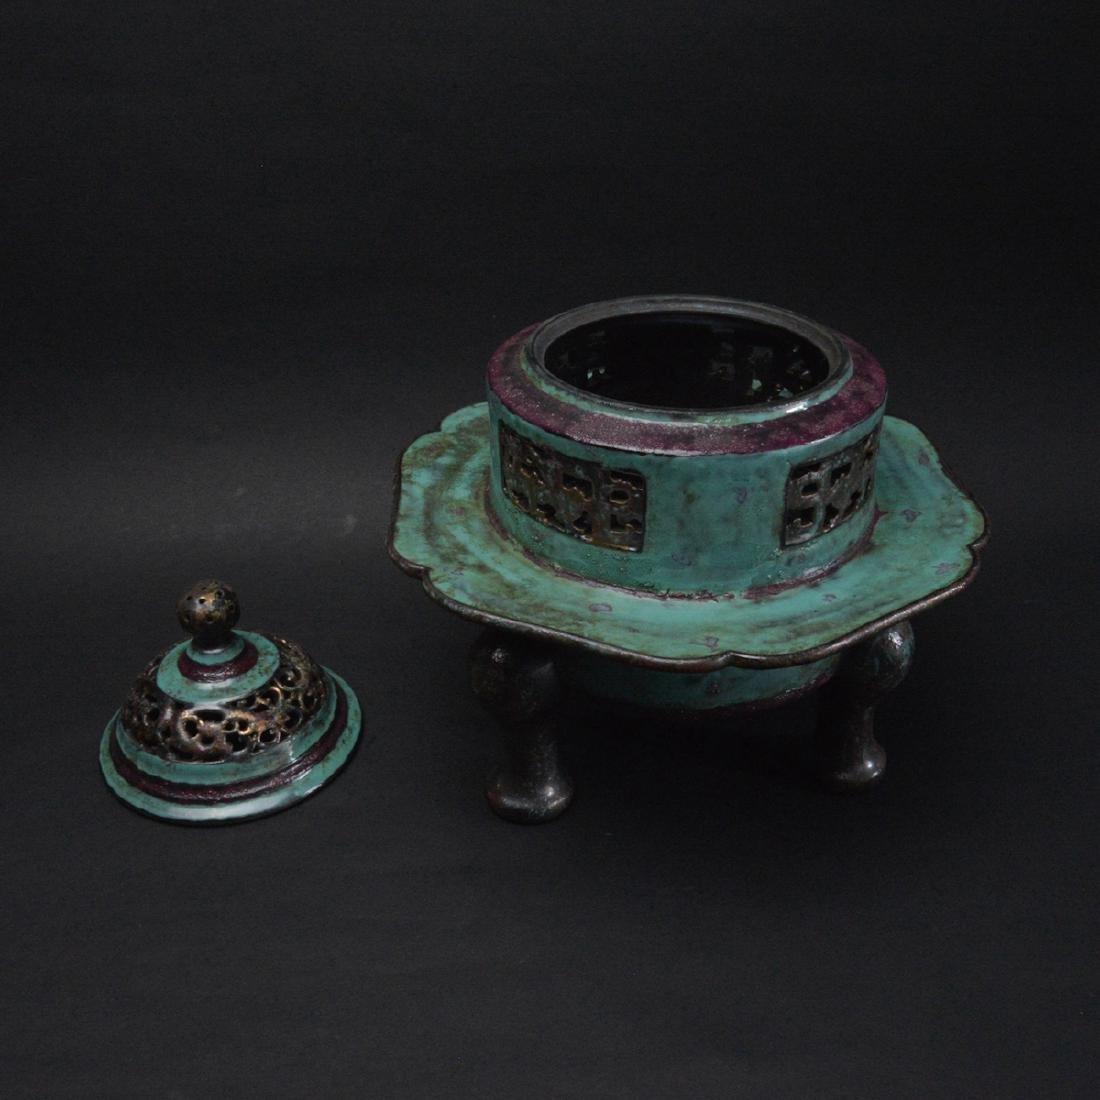 CHINESE ROBIN'S EGG GLAZED PORCELAIN CENSER - 2